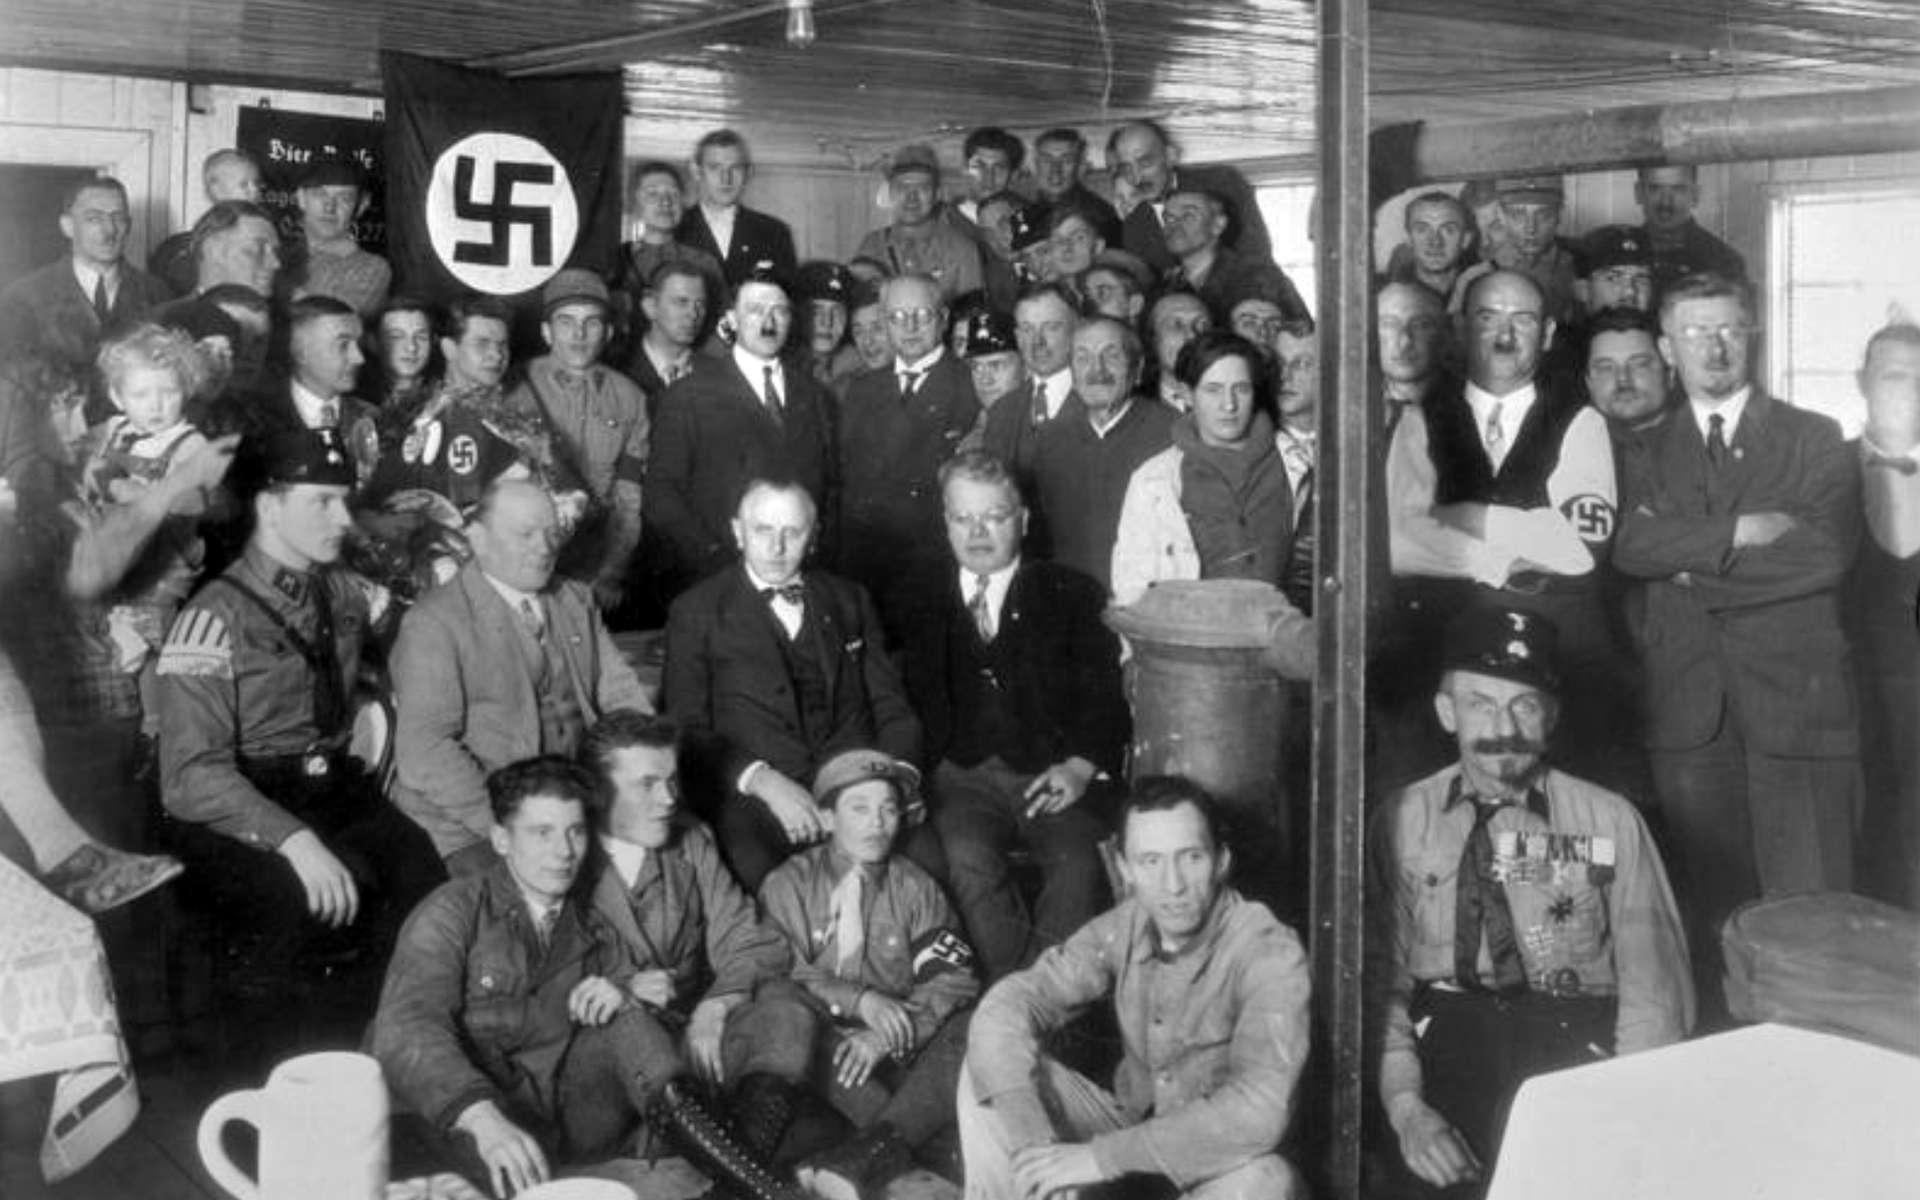 Adolf Hitler a profité de l'antisémitisme et de la crise économique pour favoriser la montée de l'idéologie nazi en Allemagne. © Commons Wikimedia, CC by-sa 3.0